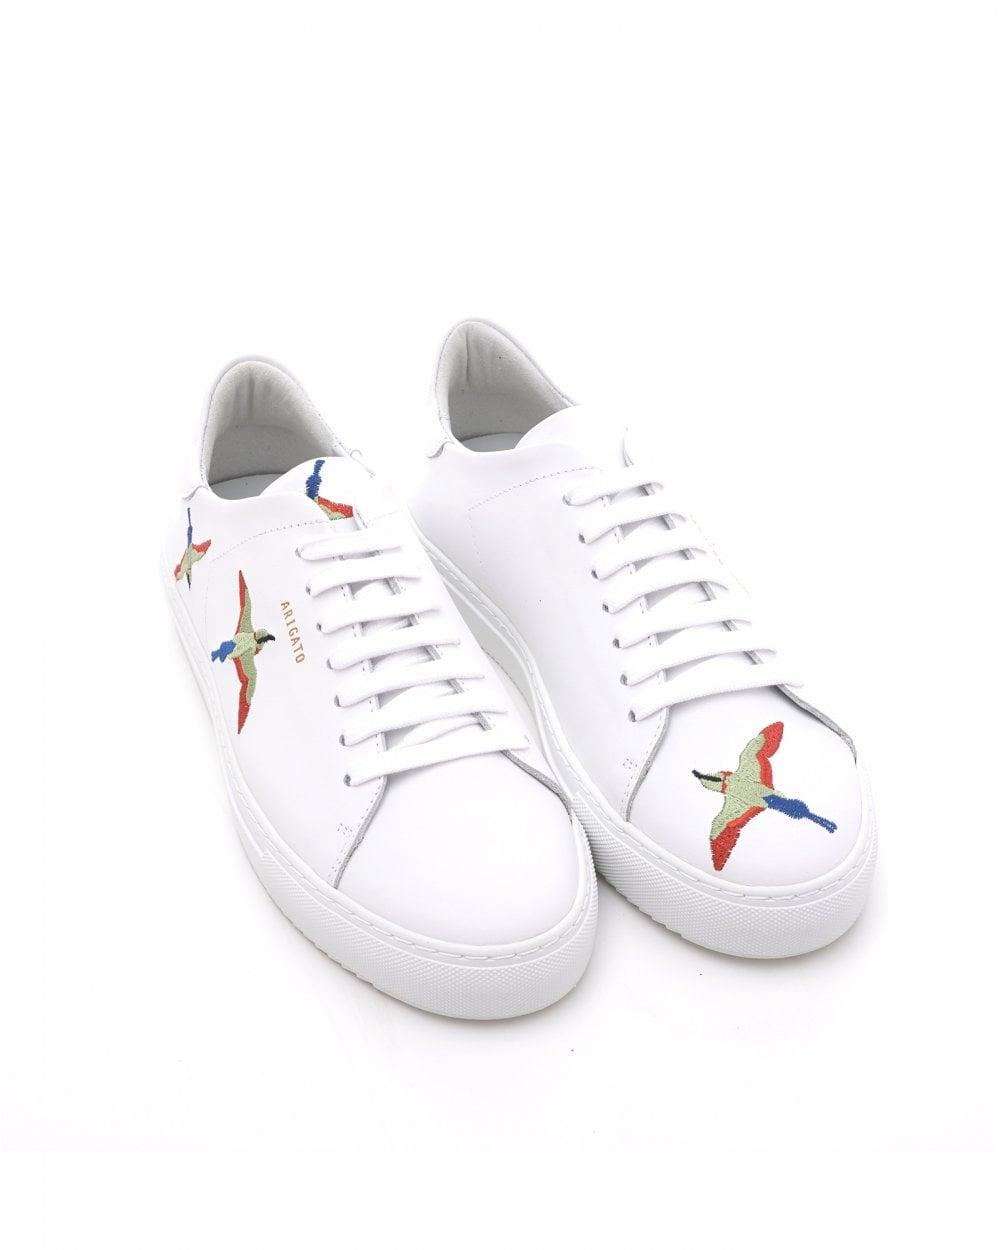 arigato bird sneakers off 57% - www